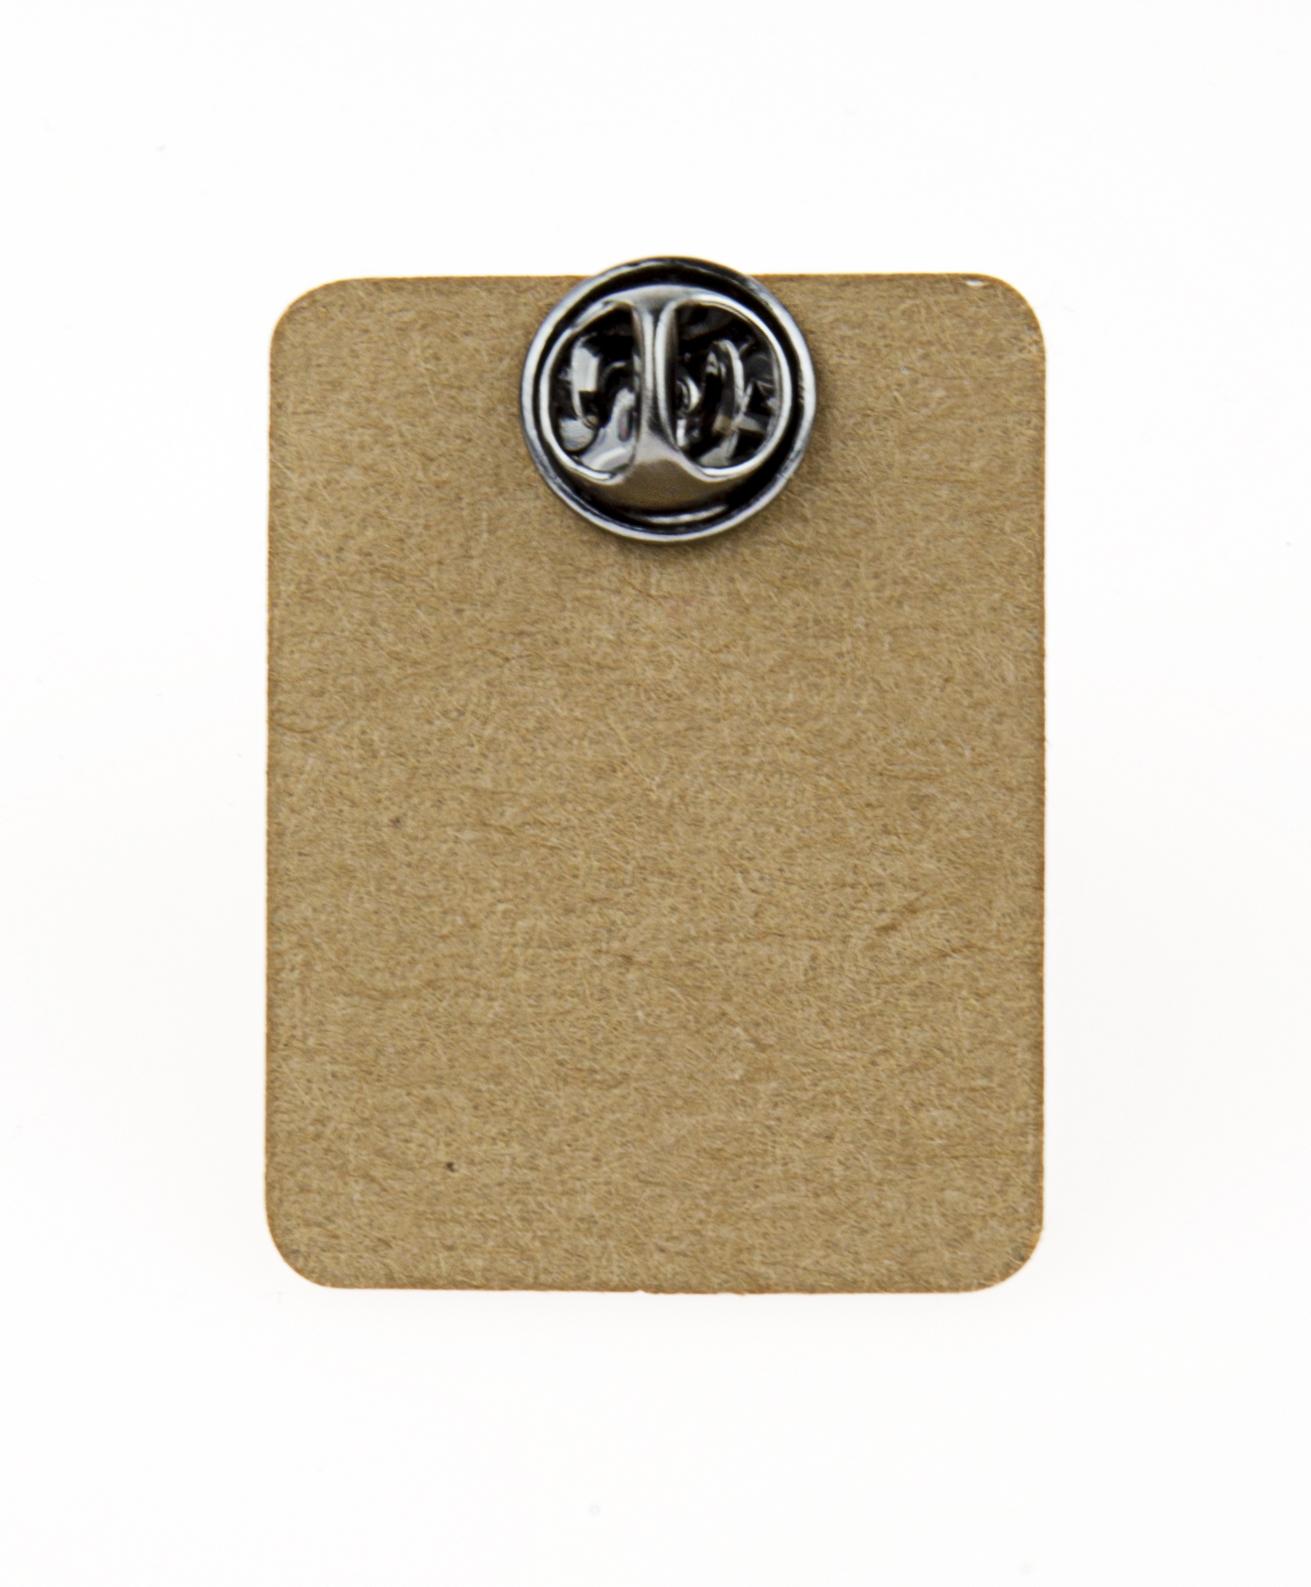 Metal Green Bug Enamel Pin Badge